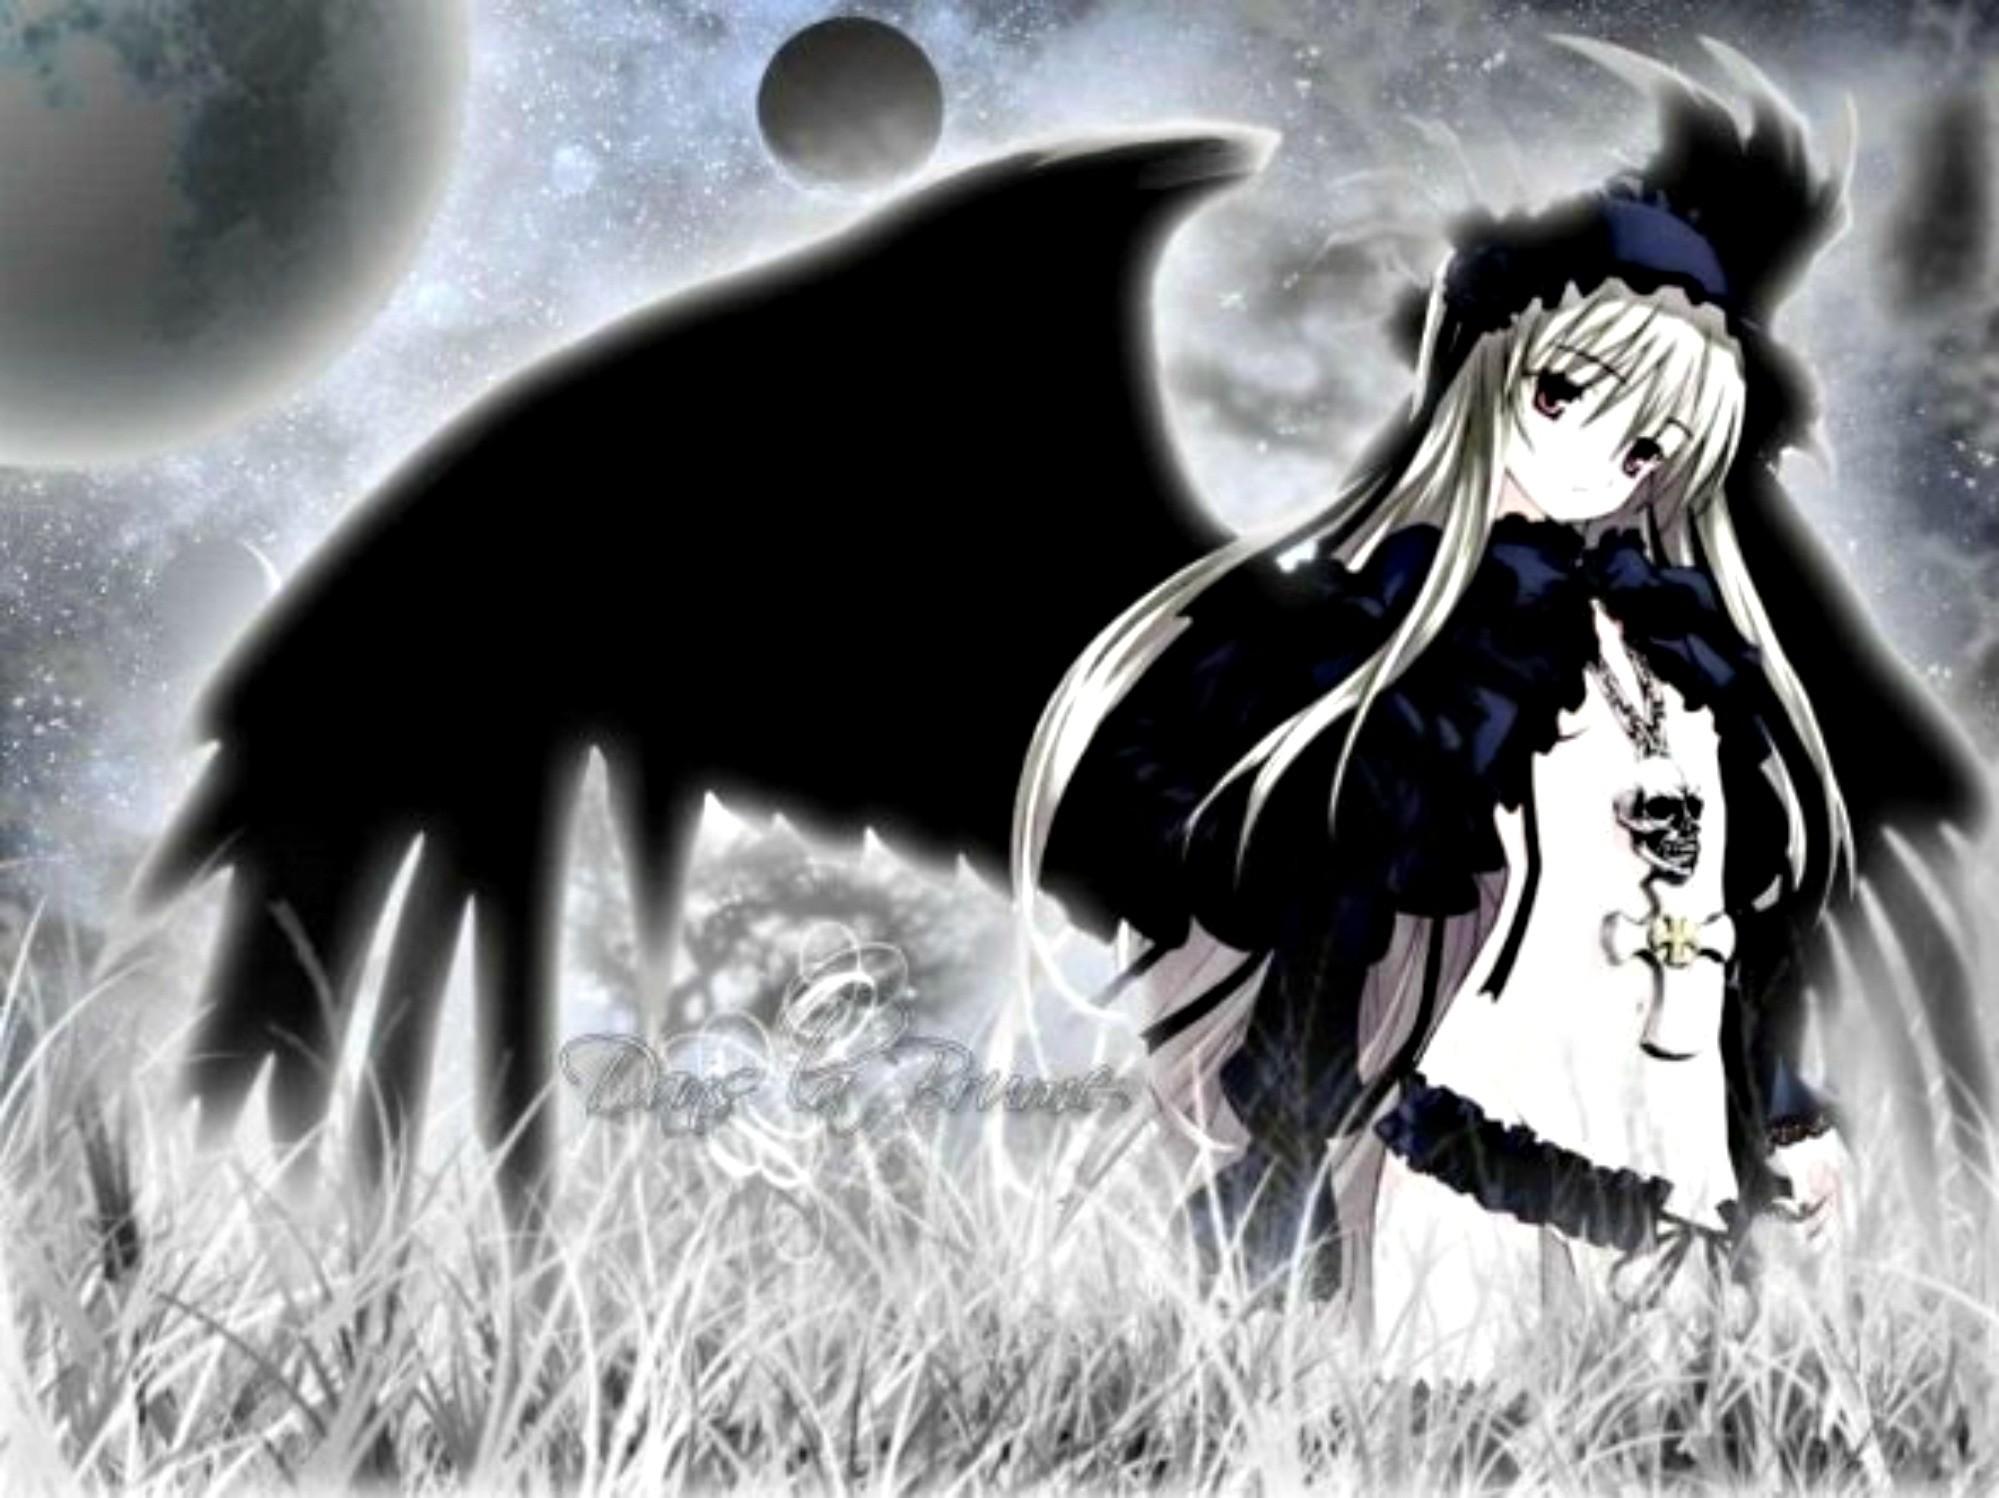 Dark anime girl wallpaper 61 images - Wallpaper dark anime ...